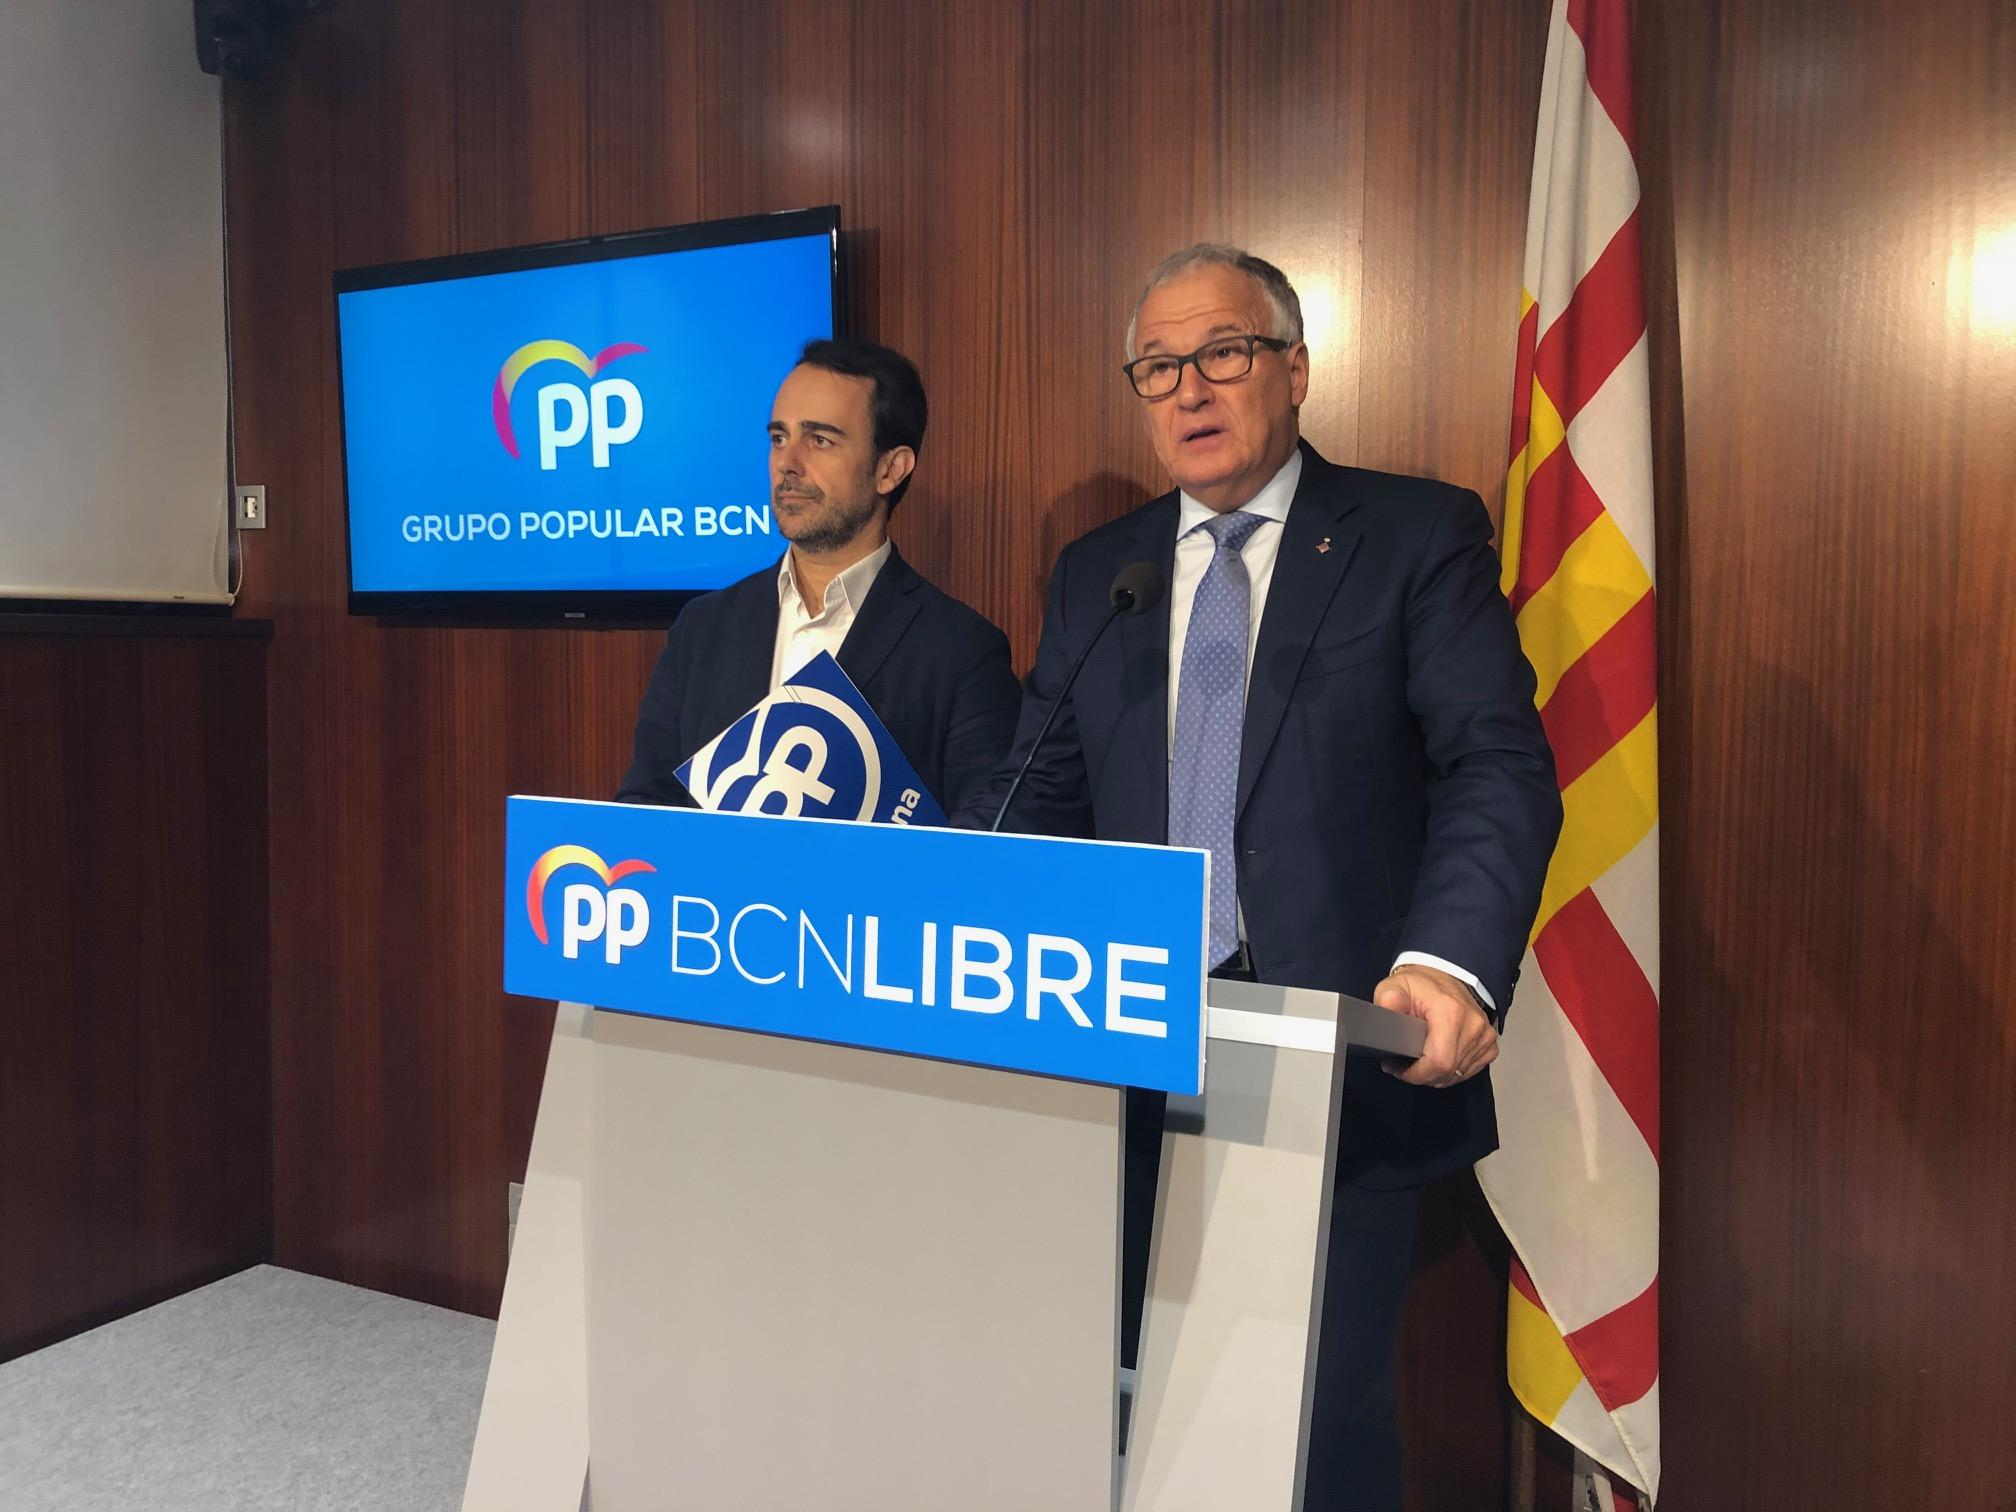 Óscar Ramírez i Josep Bou, els dos regidors del PP a Barcelona / PP